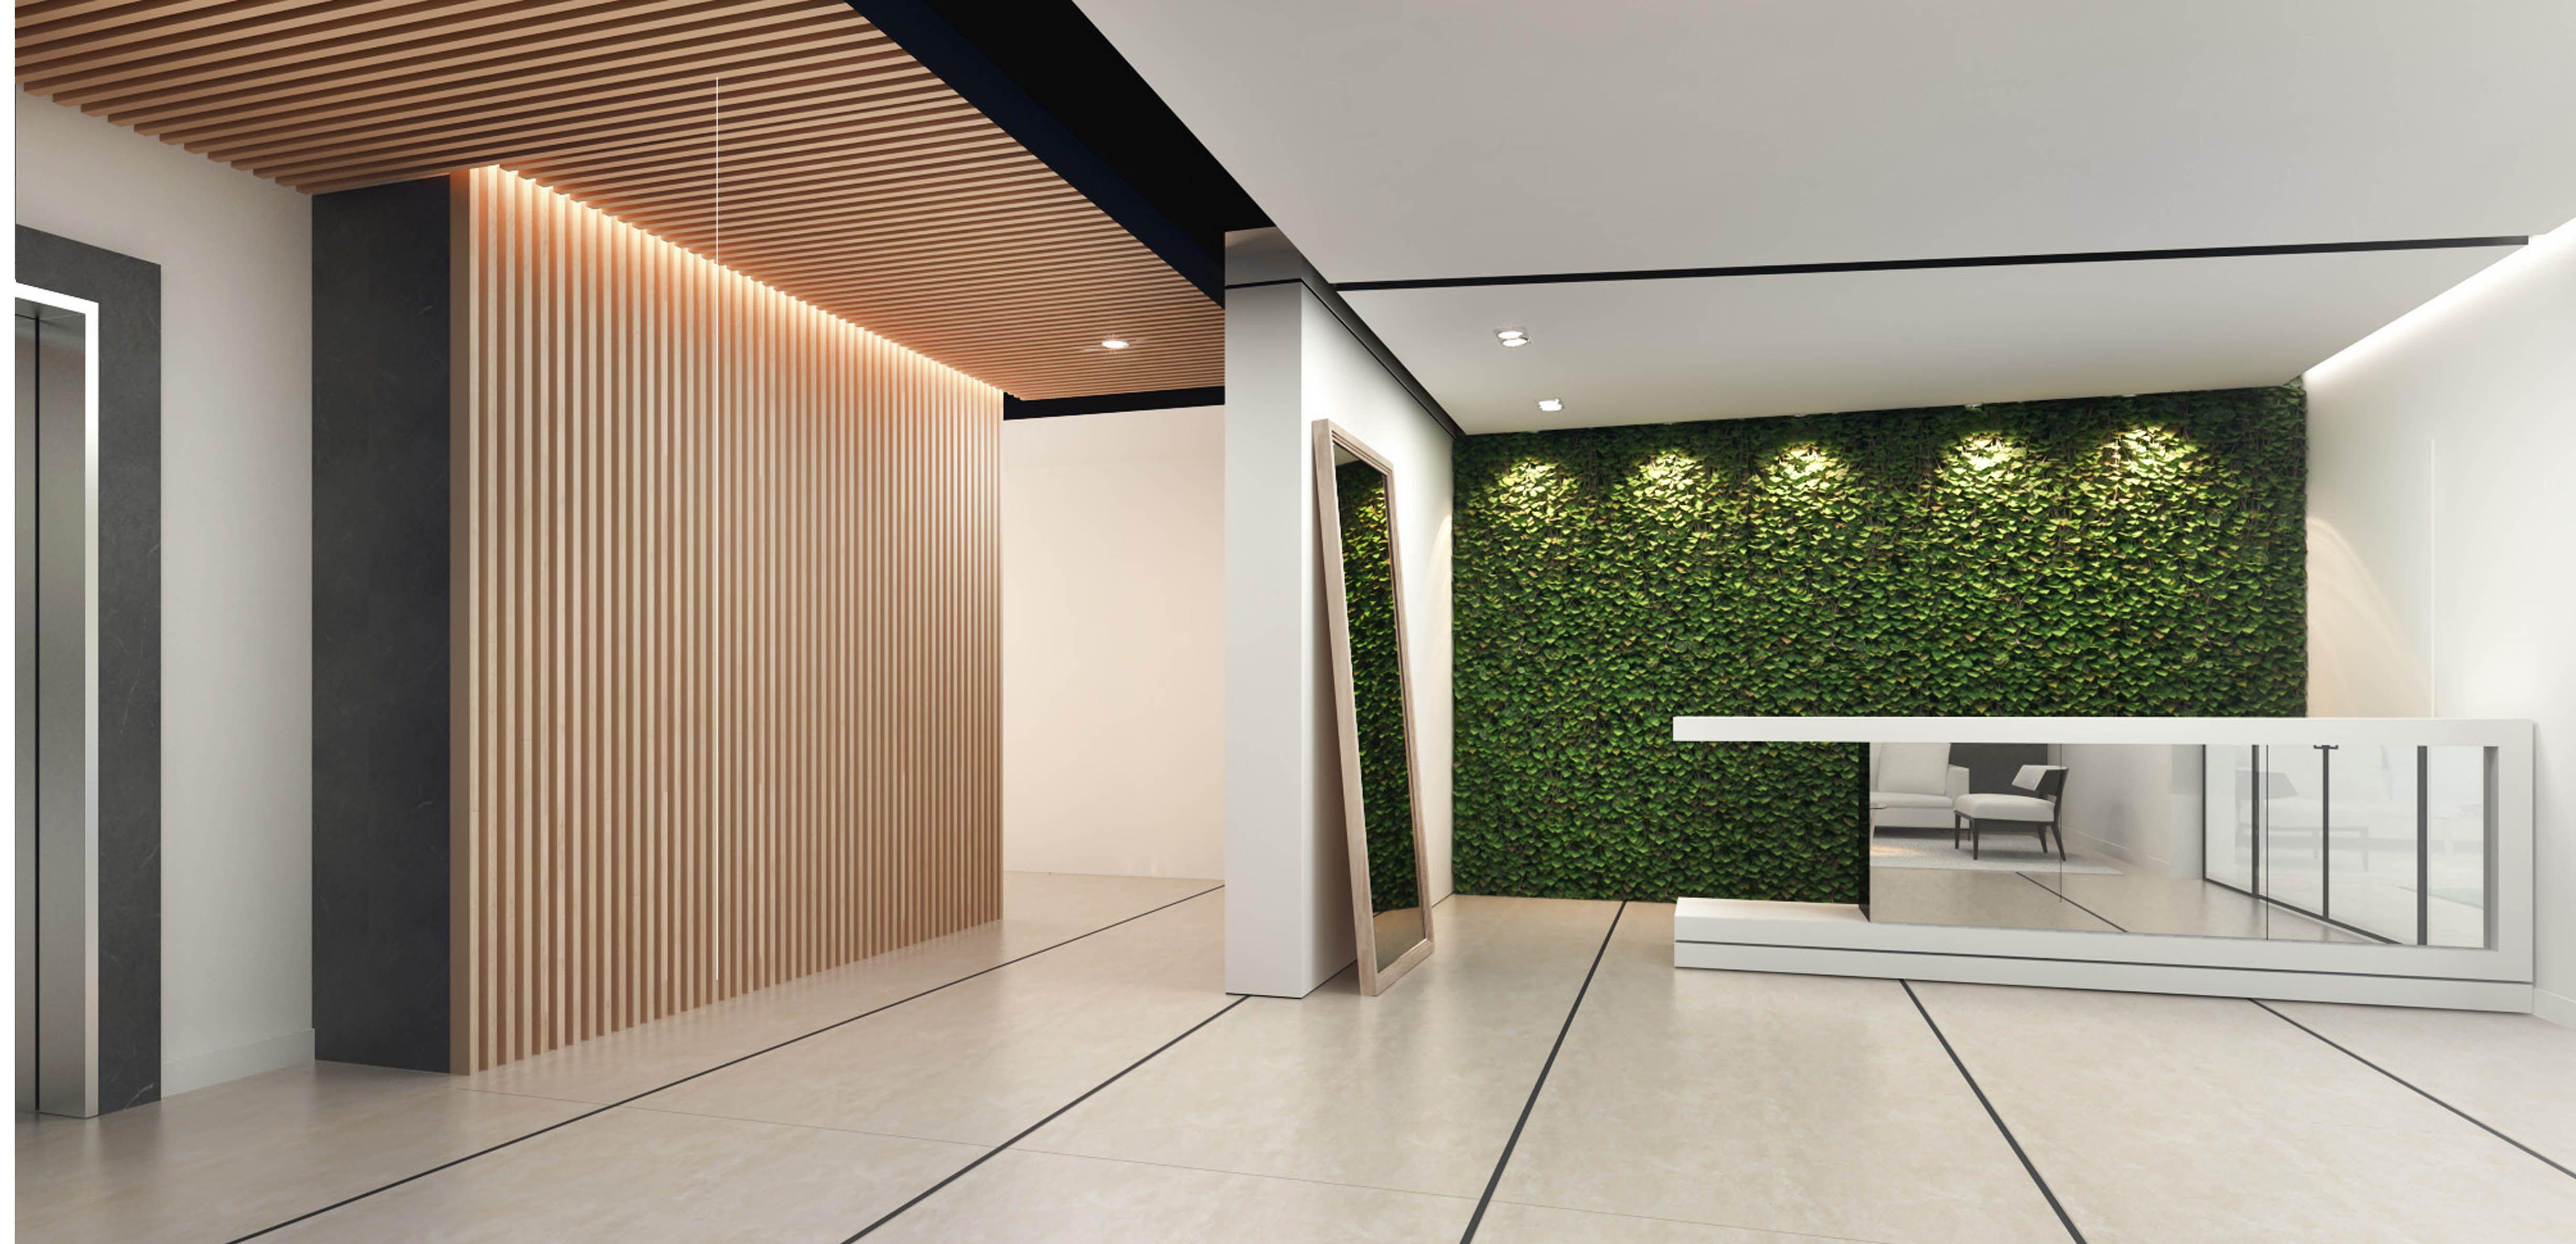 Contemporary Apartment Lobby Design Designed By Swiss Bureau Interior Llc